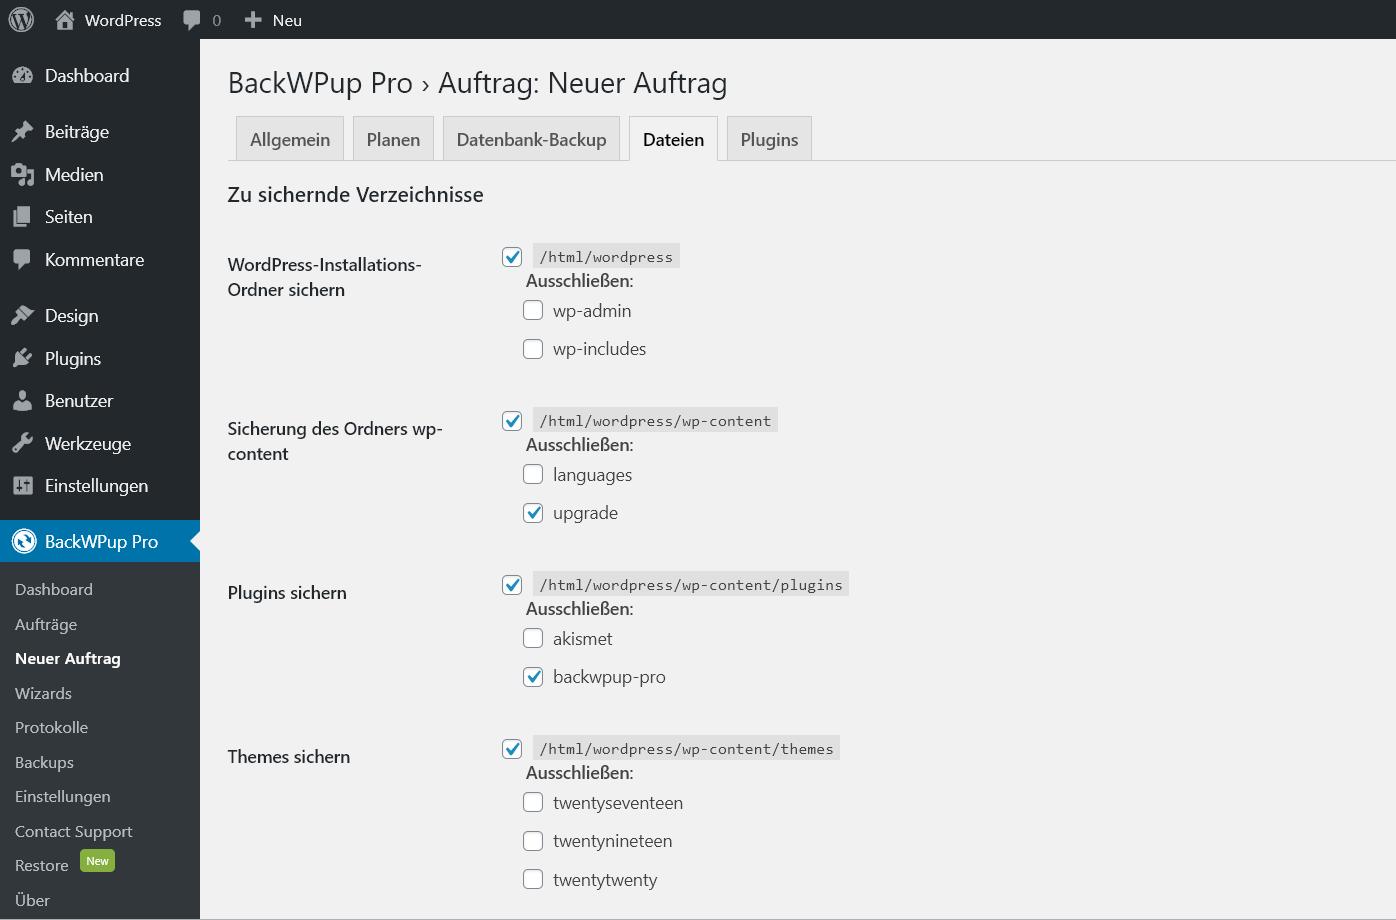 Einstellungsseite für zu sichernde Verzeichnisse im Backend unter Backwpup, neuer Auftrag, Dateien